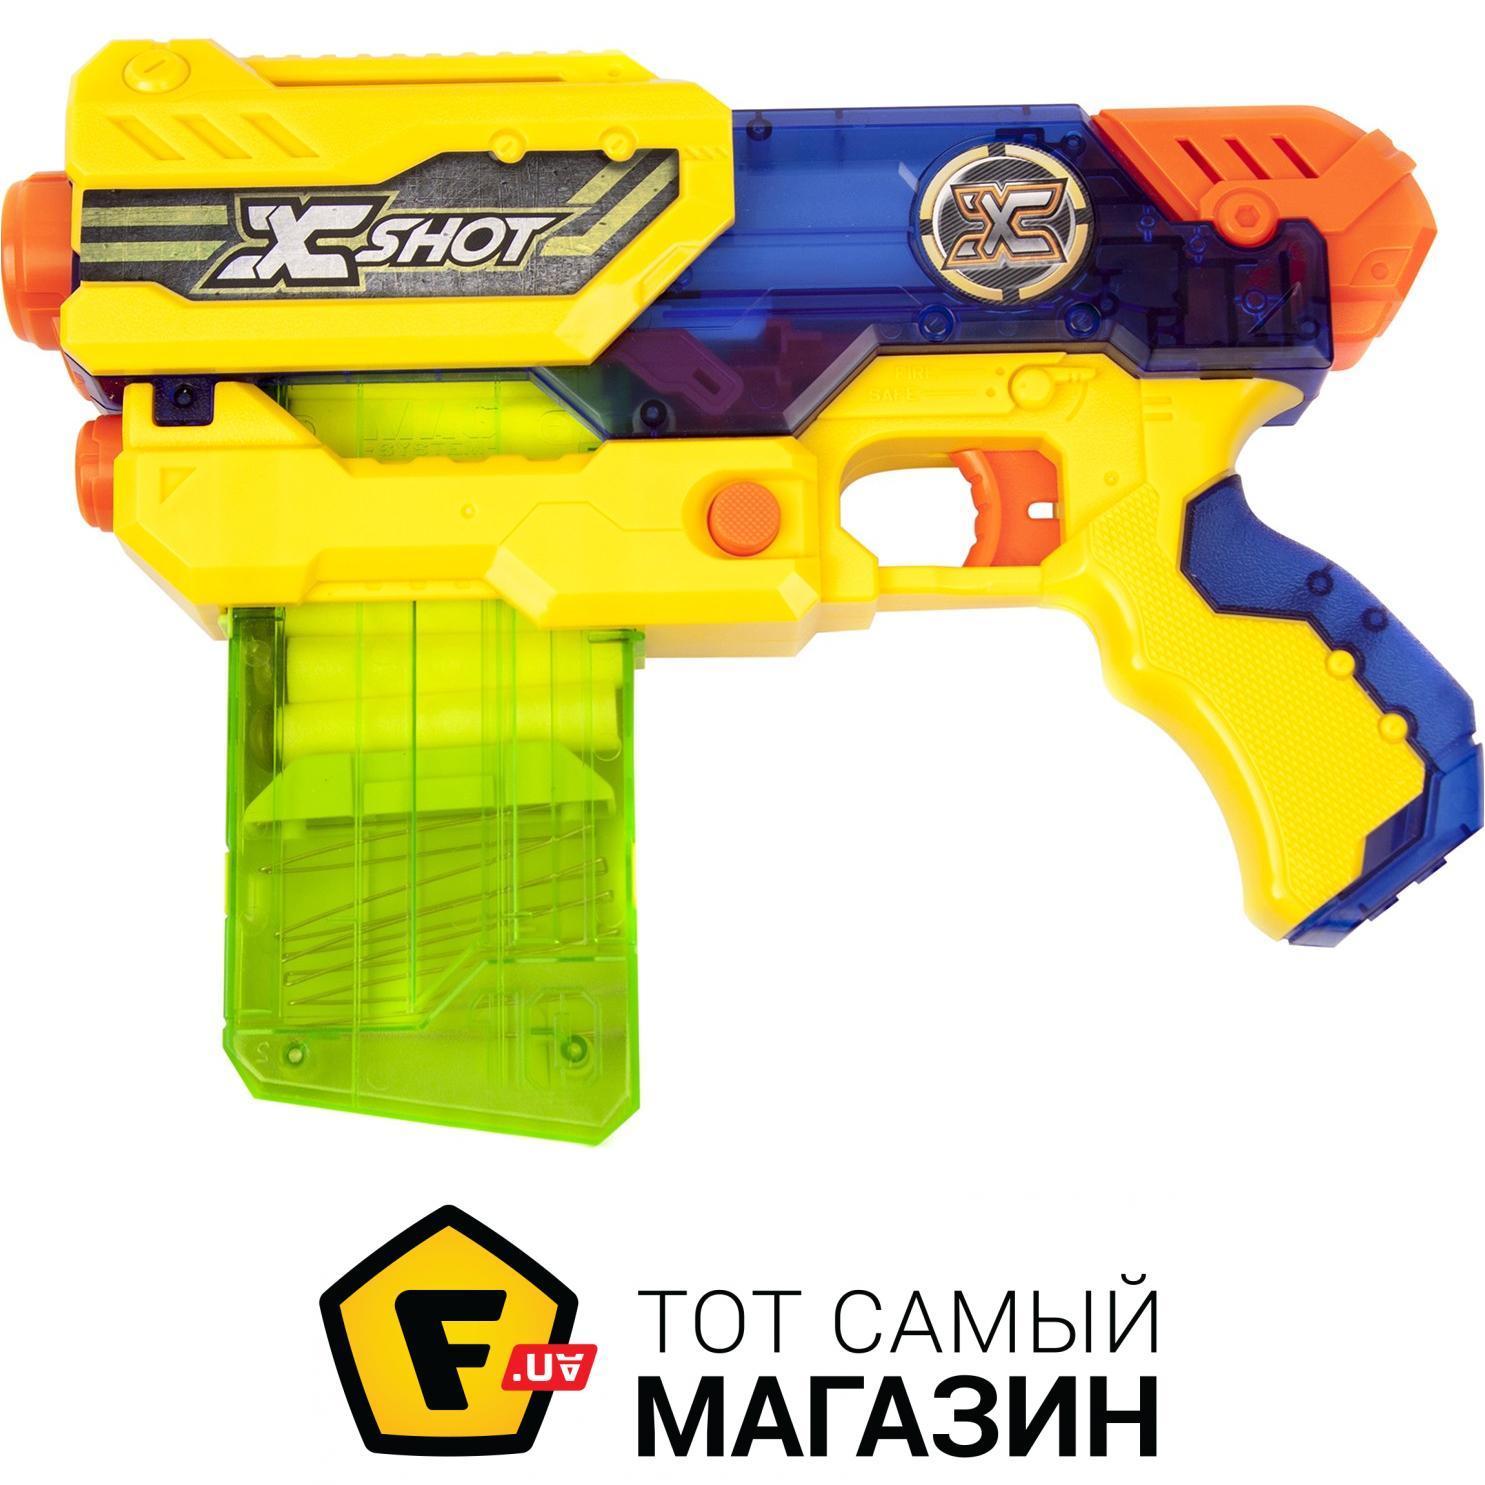 Бластер Zing Ztek-Crossbow AS957